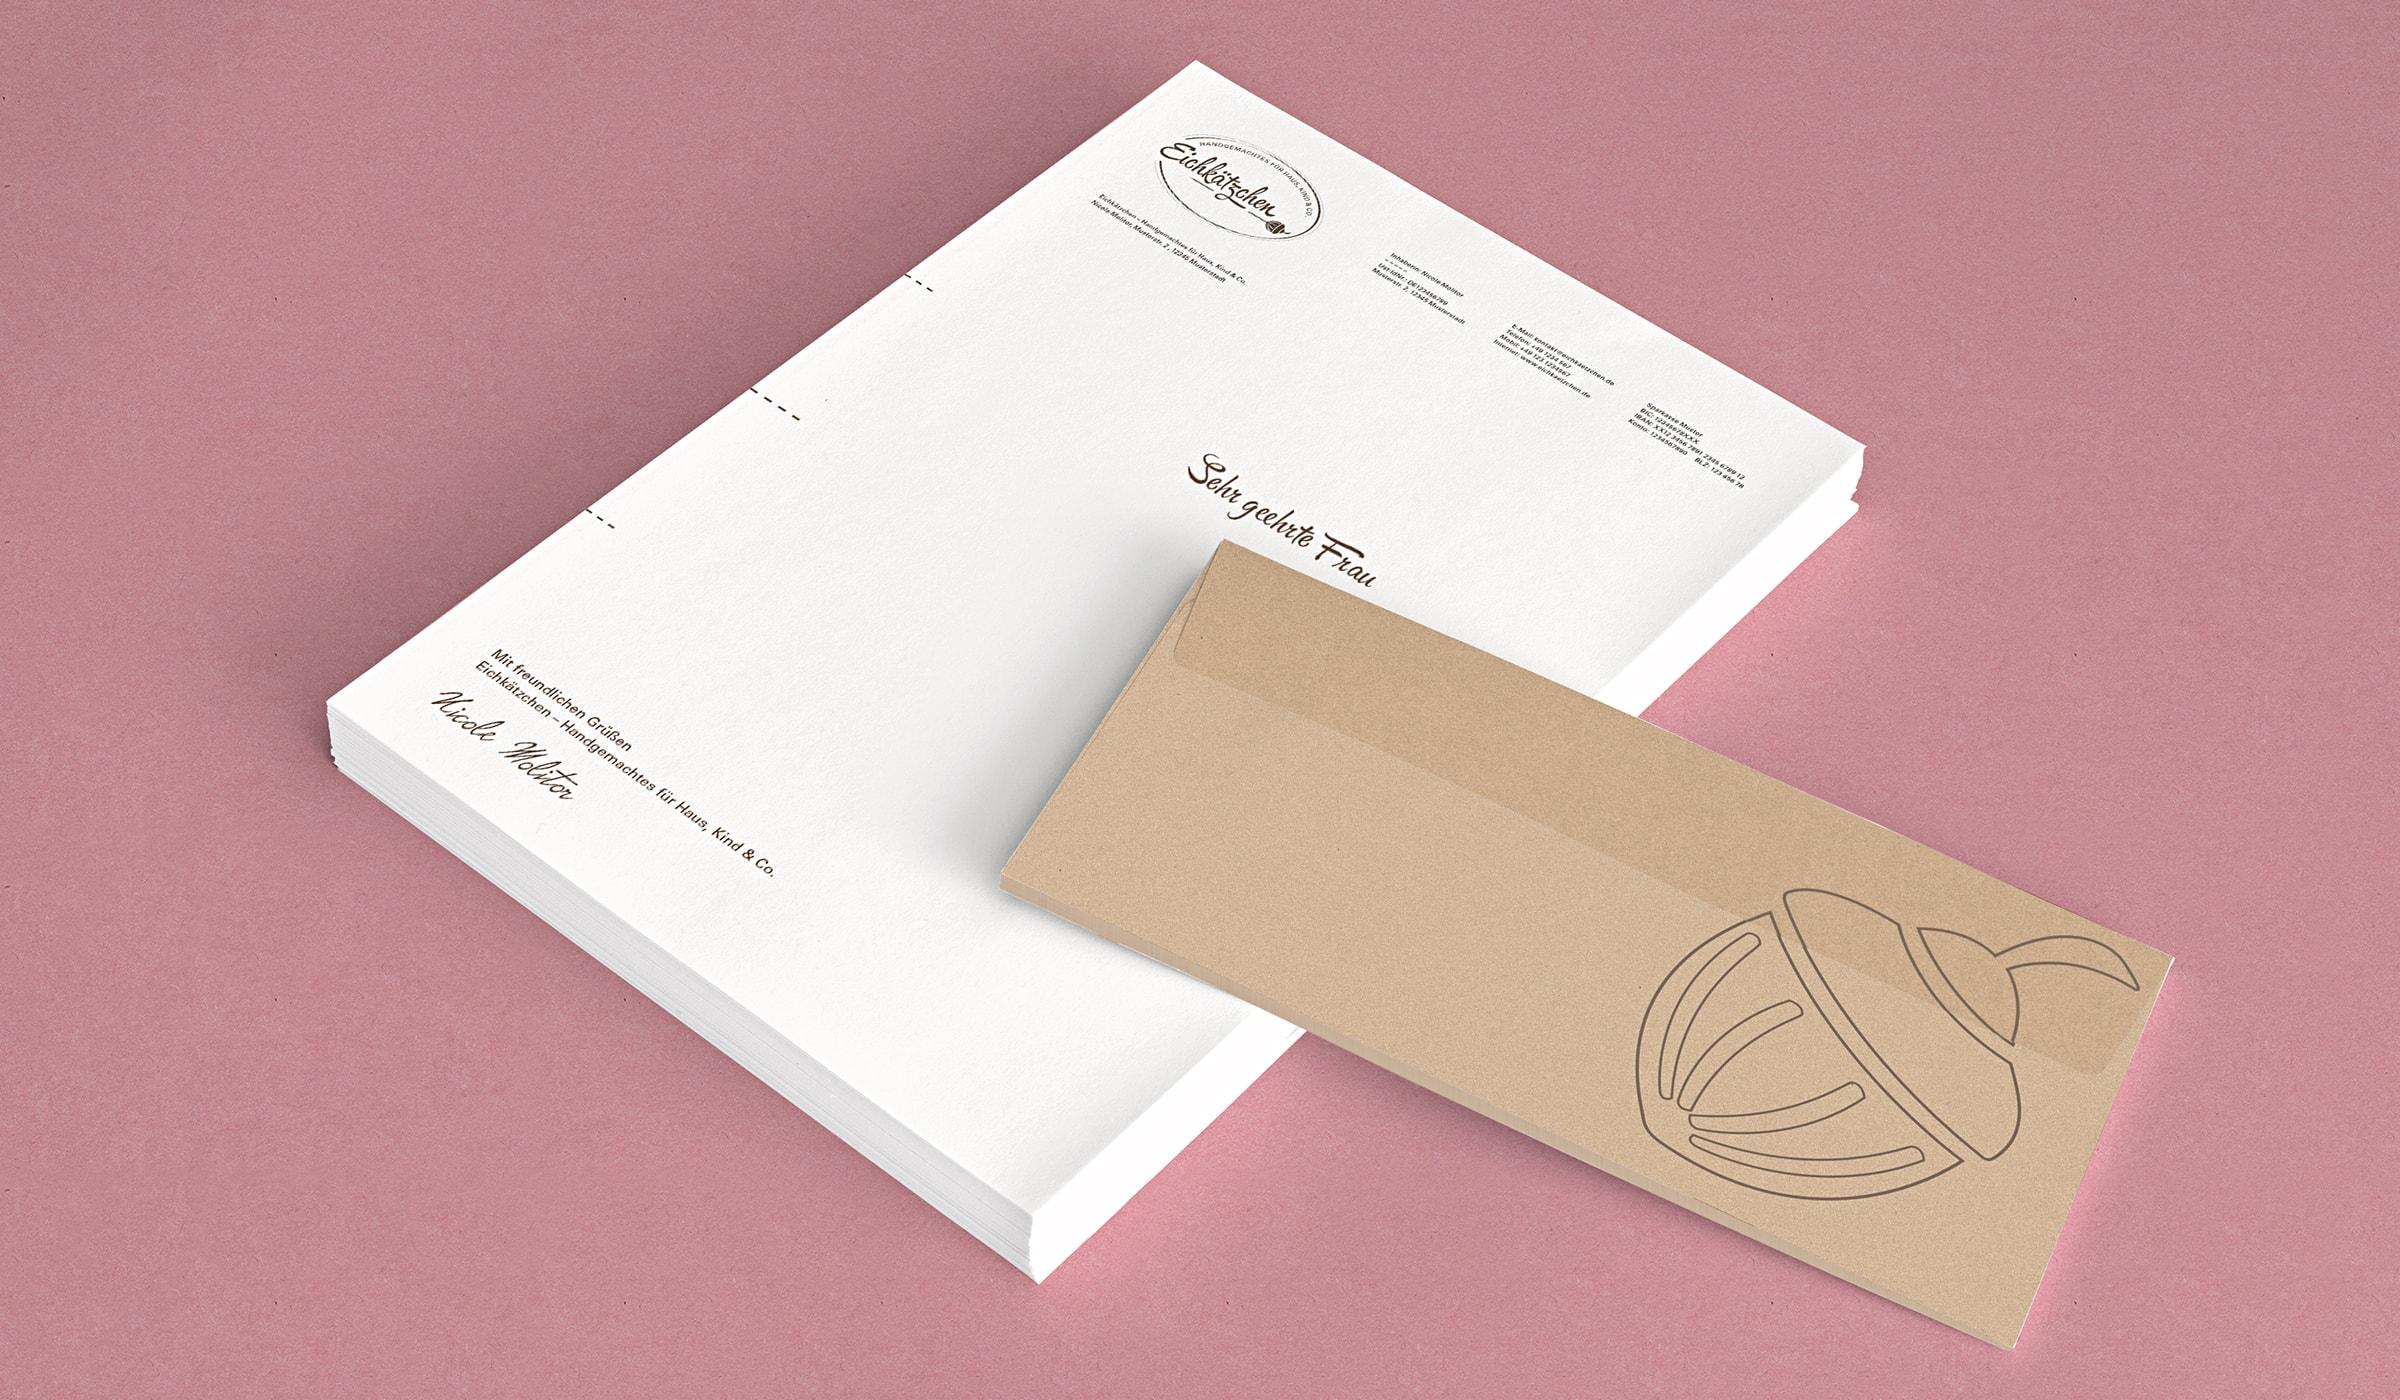 Das Brand Design und Corporate Design für das Kreativteam folgt der Brand Identity und zeigt sich nachhaltig, gedruckt auf zu 100% recyceltes Papier. Die Brand Identity wurde durch die Designagentur mieker - Konzept Design Strategie konzipiert. Die Markenentwicklung umfasst: Kommunikationsdesign, Grafikdesign, Branding, Brand- und Corporate Design, Namensentwicklung und Logodesign, Label Design, Keyvisuals, Etiketten, Tragetaschen, Visitenkarten, Werbemittel, Werbung. Regionen: Hermeskeil, Hochwald, Saarbrücken, Trier, Luxembourg, Koblenz, Bonn, Köln, Mannheim.